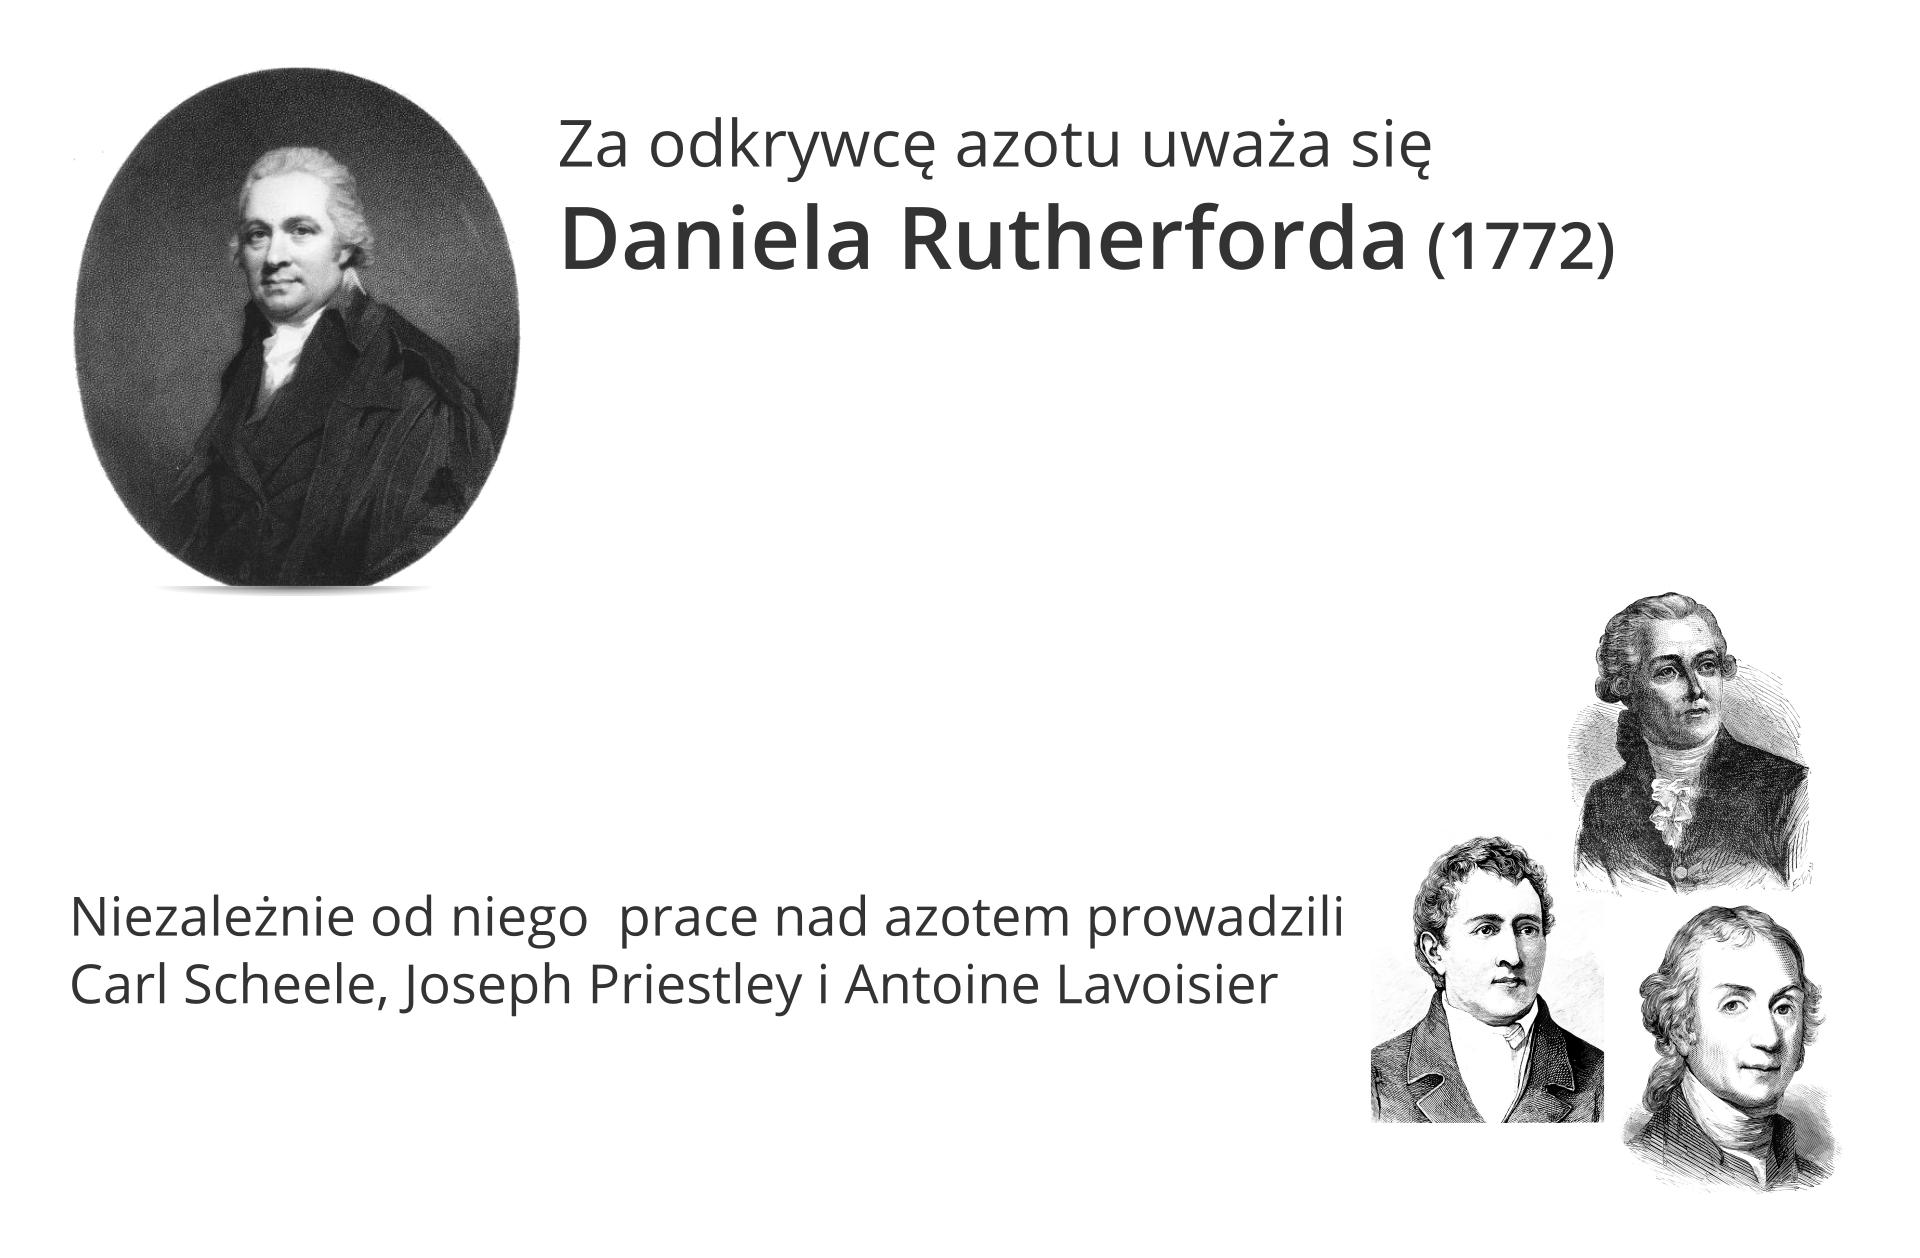 Ilustracja wlewym górnym narożniku zawiera czarnobiały portret Daniela Rutherforda, którego, jak głosi napis po prawej stronie, uznano ostatecznie za odkrywcę azotu. Dokonał on tego w1772 roku. Poniżej po prawej stronie znajdują się kolejne czarnobiałe, nieco mniejsze portrety trzech mężczyzn. Napis po lewej stronie tego kolażu głosi: Niezależnie prace nad azotem prowadzili Carl Scheele, Joseph Priestley iAntoine Lavoisier.